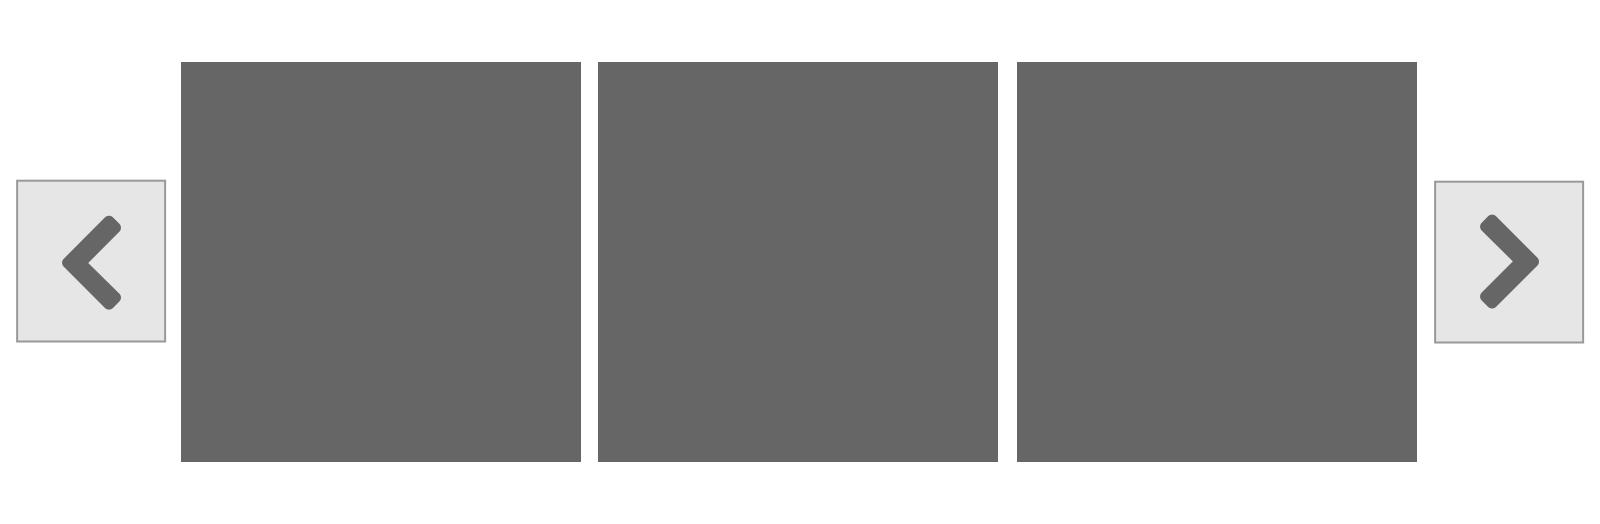 カルーセルのコントロールの例 (左右矢じりのアイコンと、何枚中何枚目かを示すドット。)